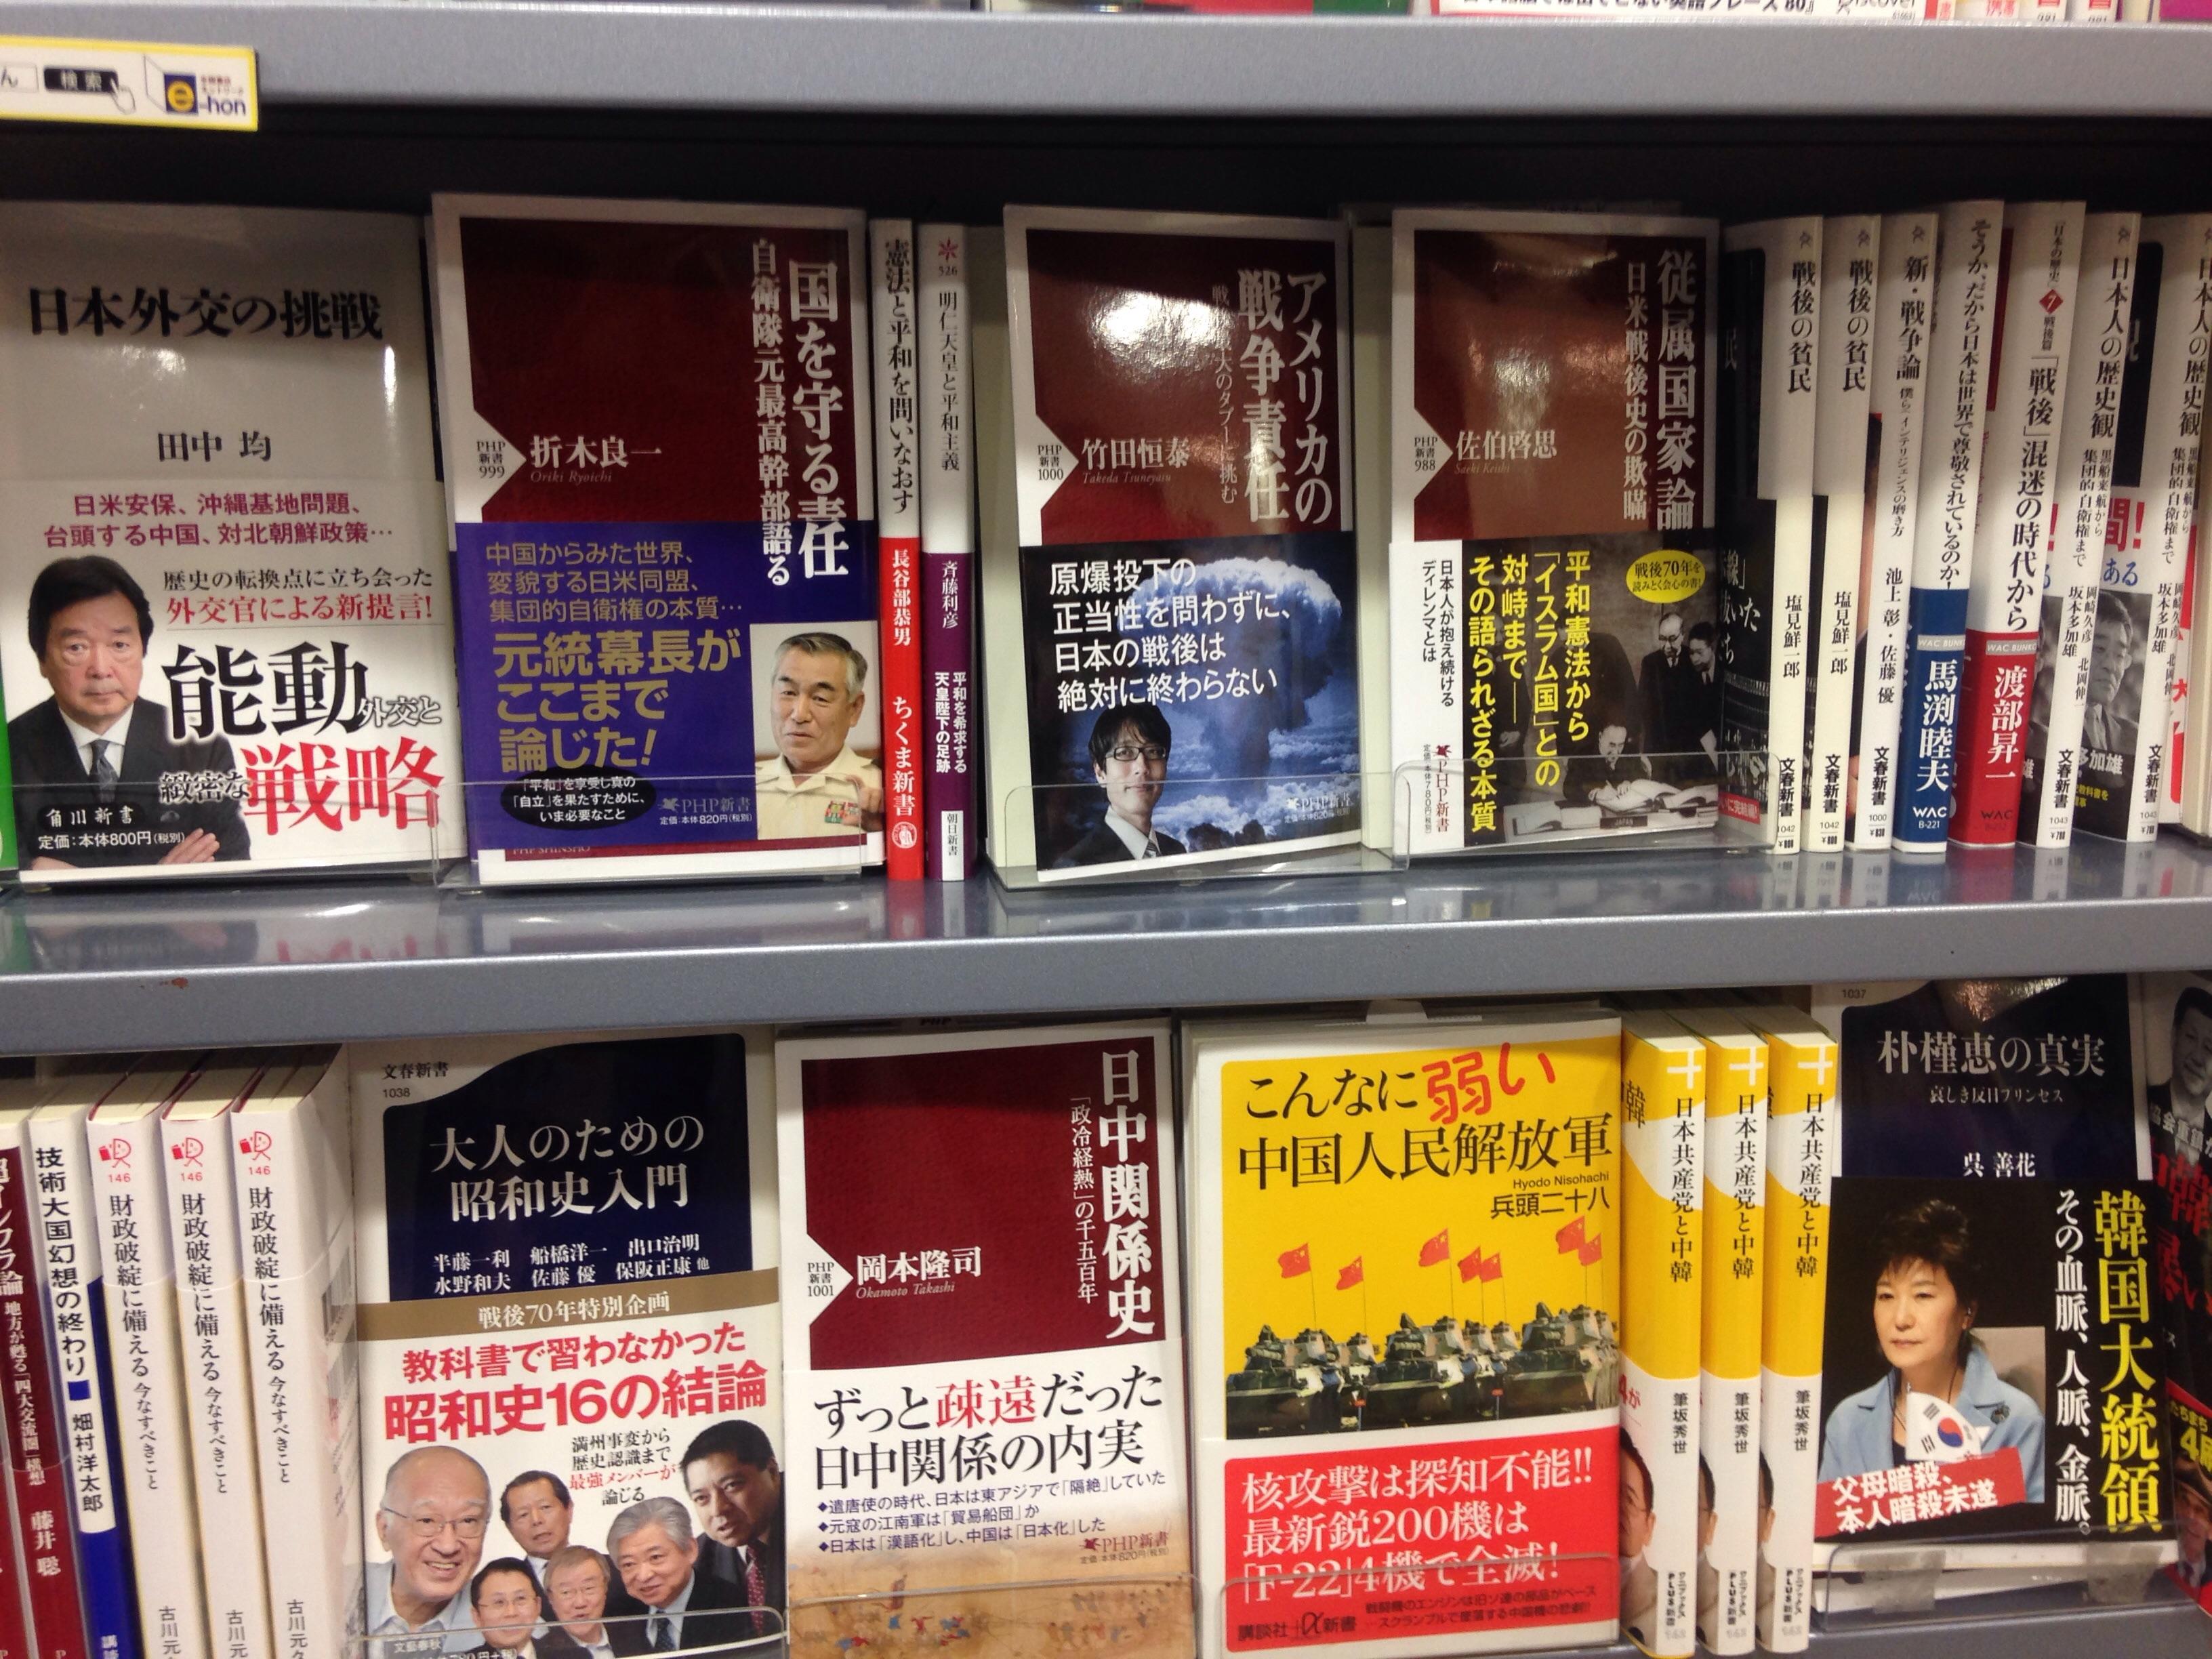 戦争の本が並ぶ書店@摂理の味